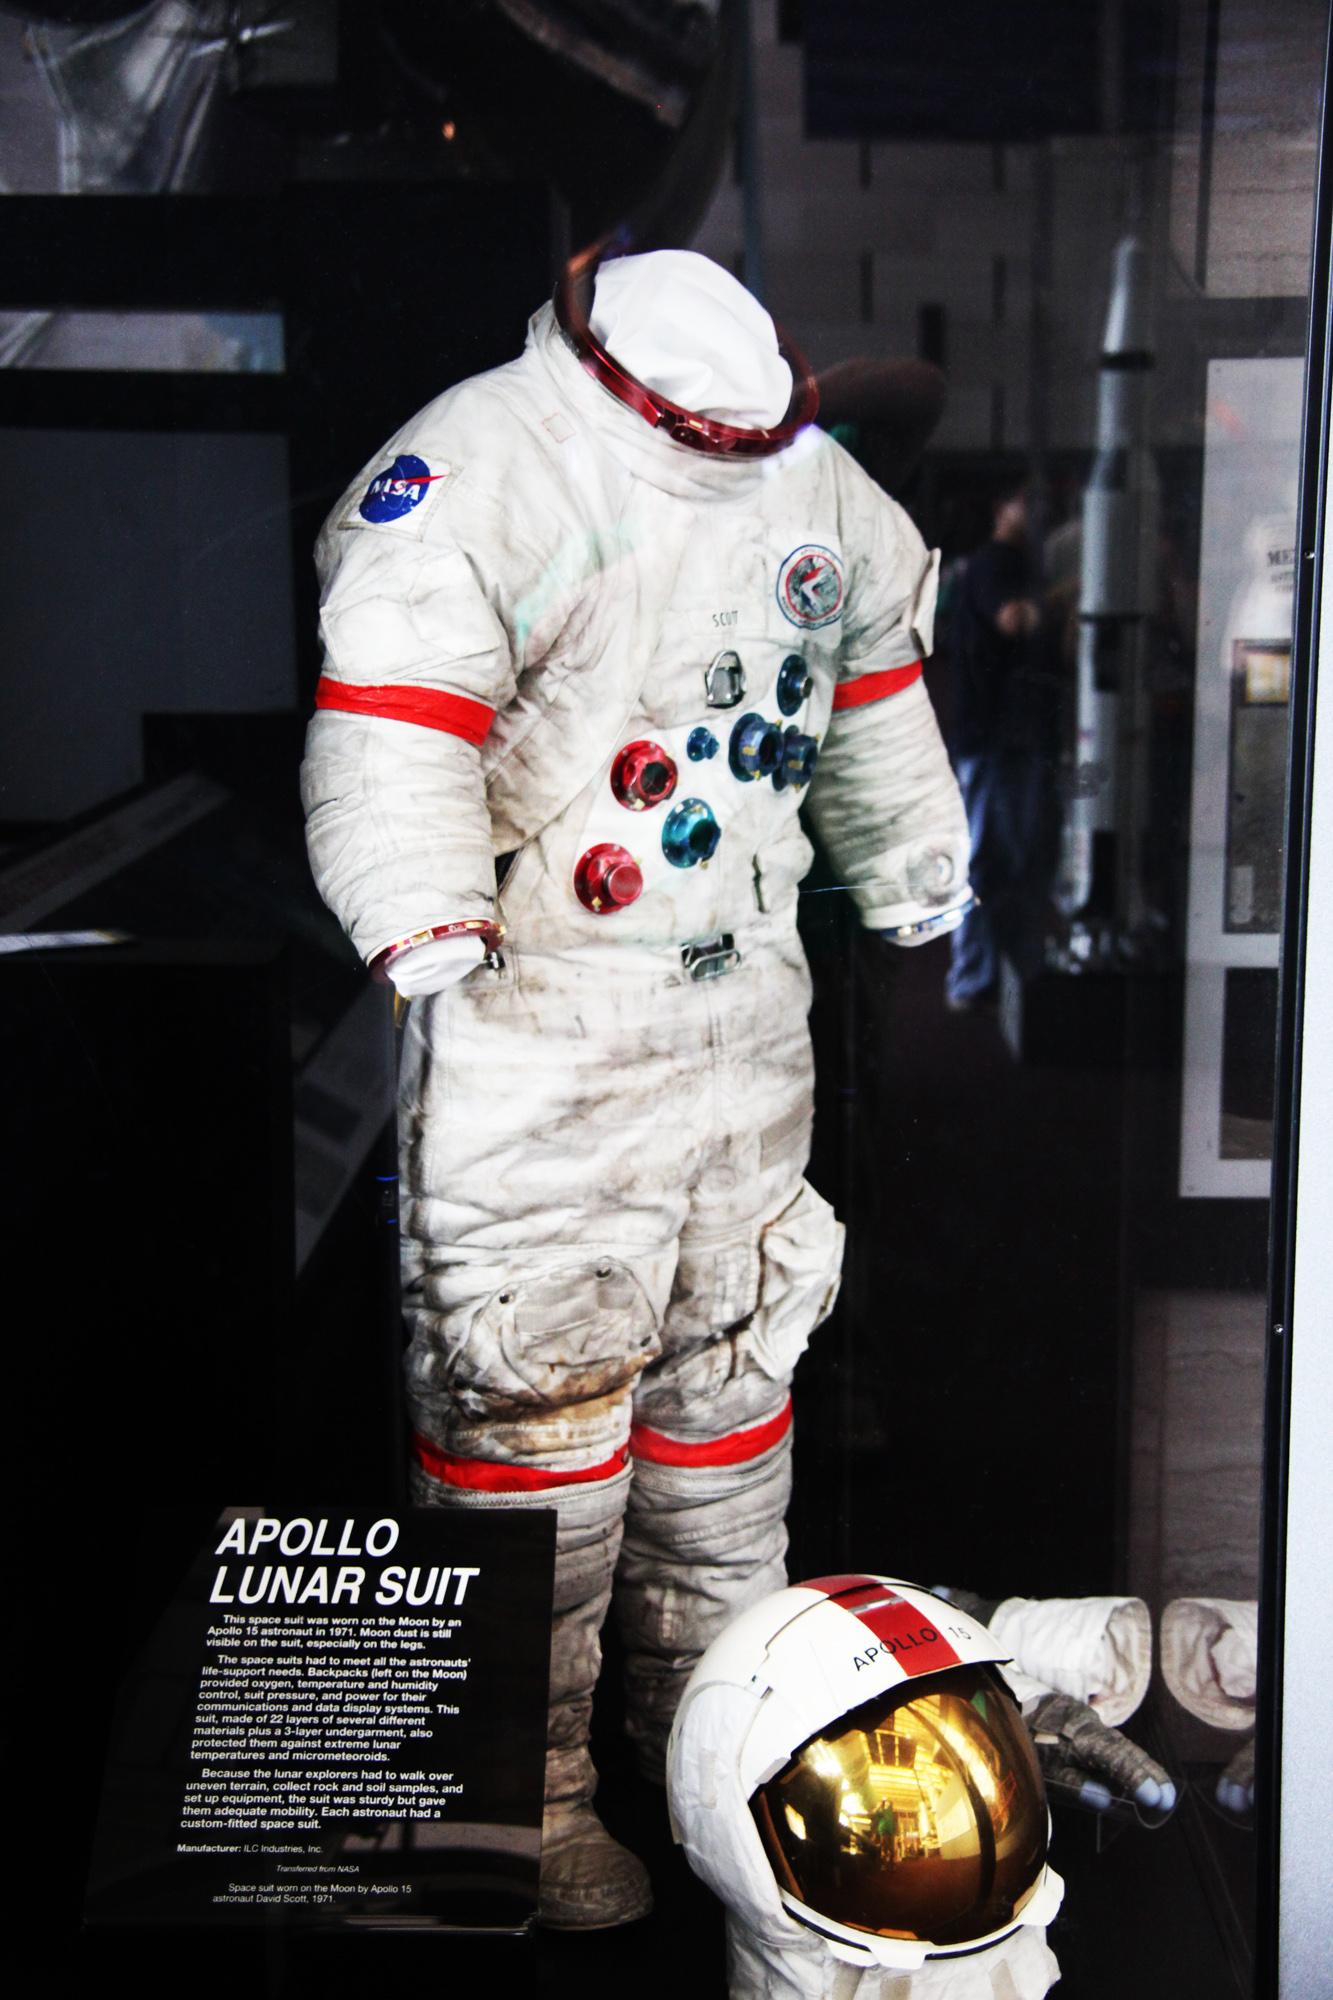 apollo space suit smithsonian - photo #18